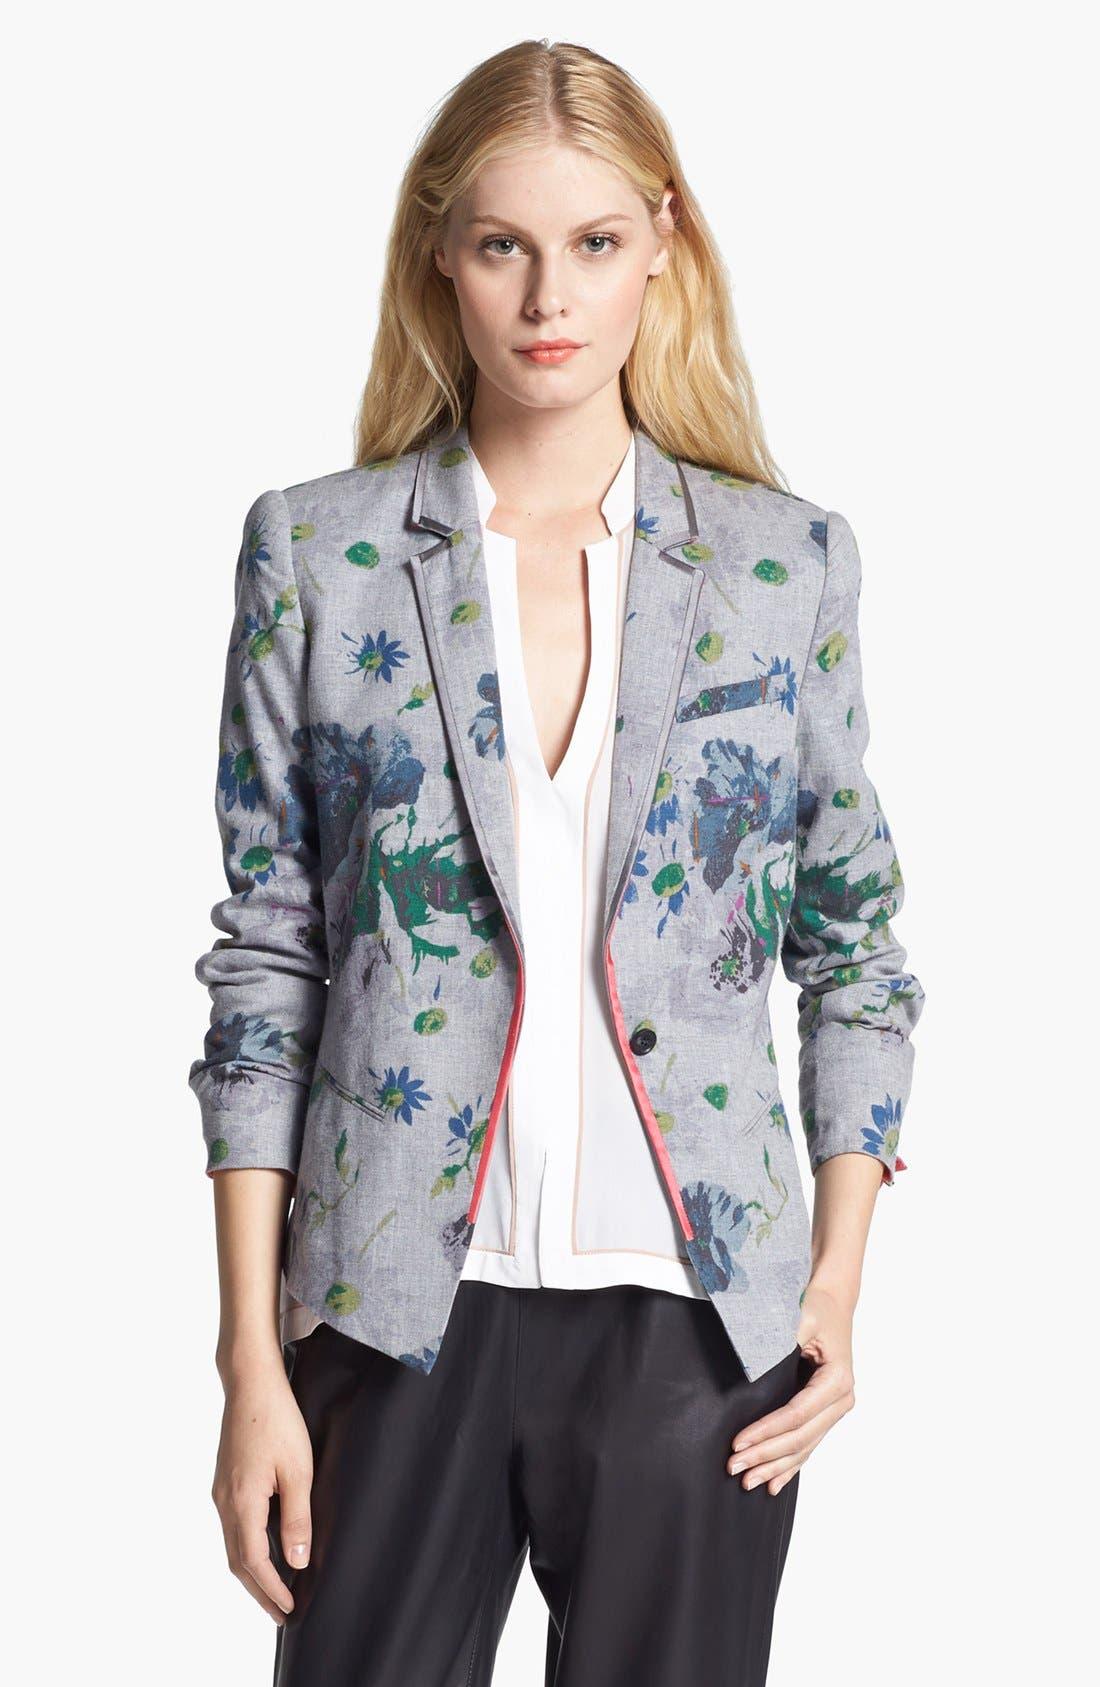 Main Image - Elizabeth and James 'Bourne' Floral Print Flannel Jacket